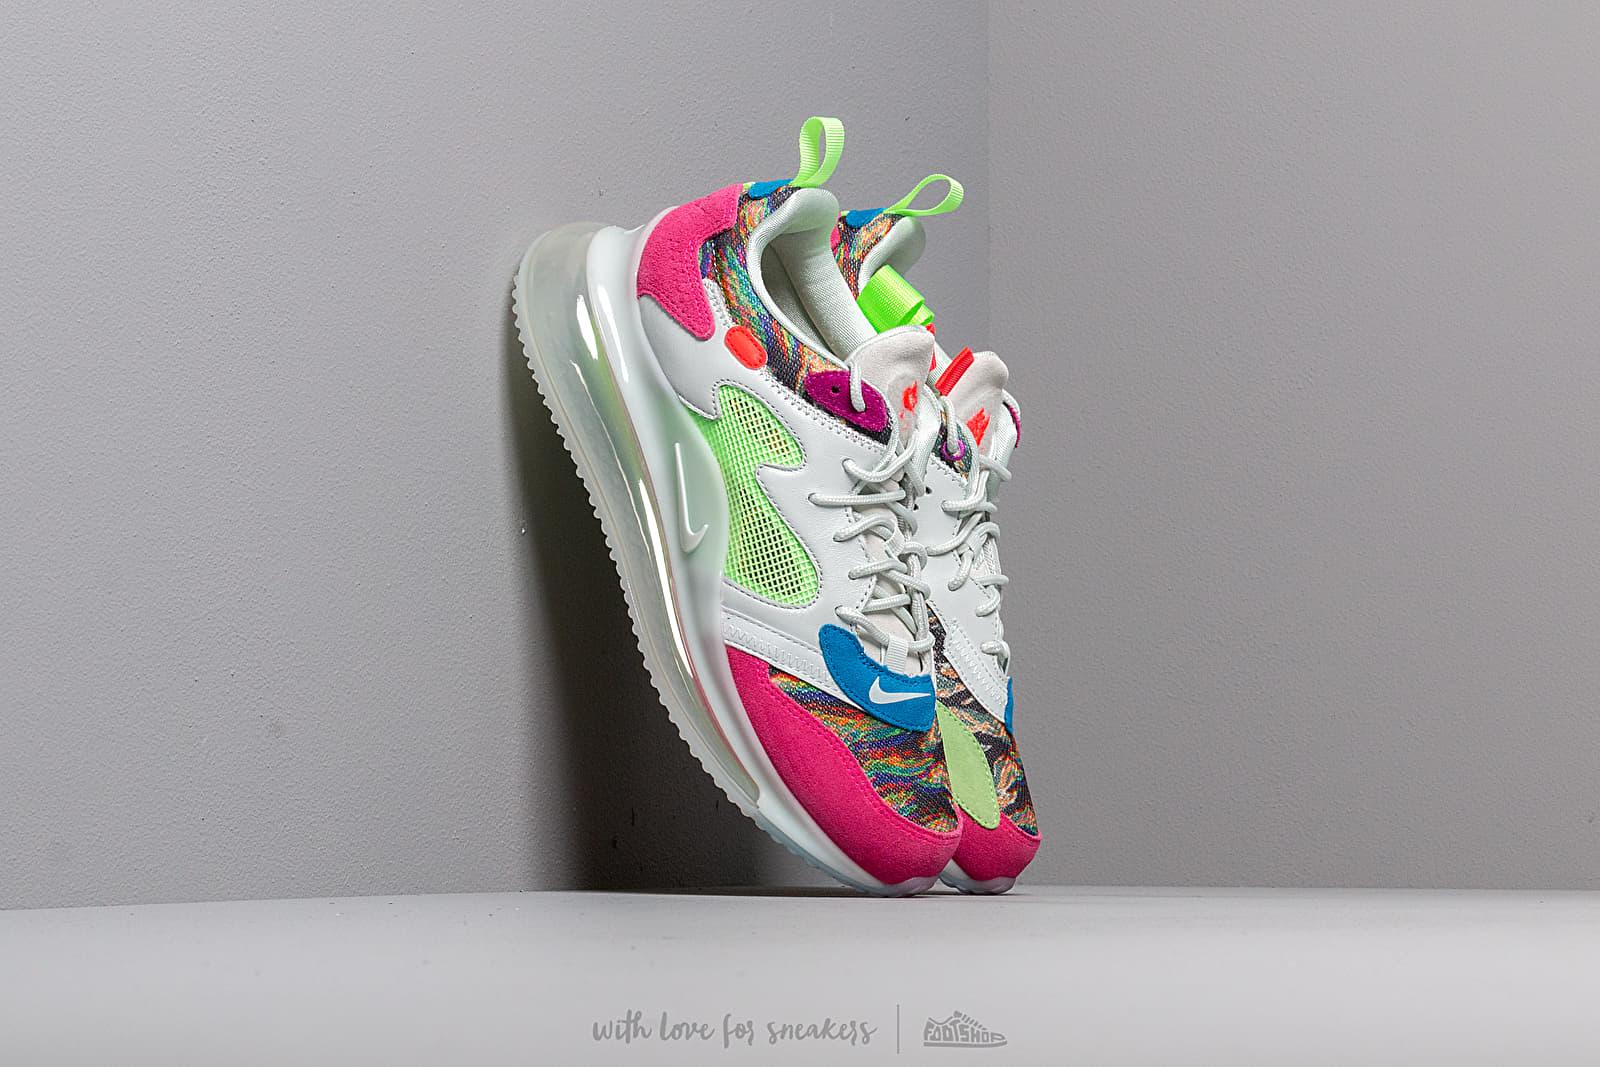 Nike Air Max 720 / OBJ Multi-Color/ Hyper Pink-Lime Blast za skvelú cenu 191 € kúpite na Footshop.sk